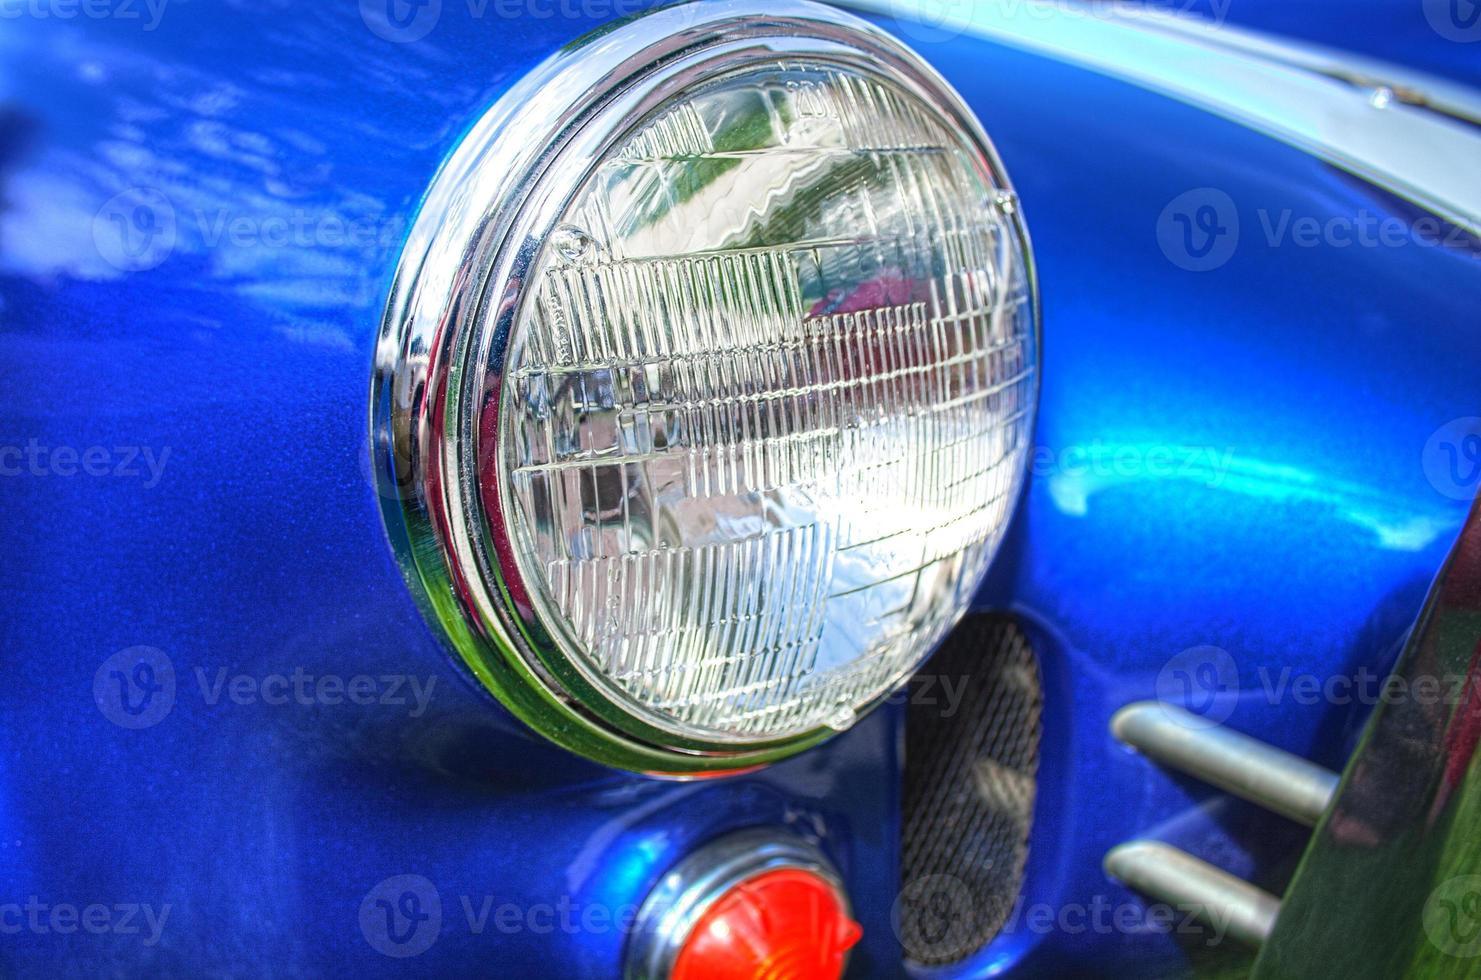 phare de voiture de sport rétro photo